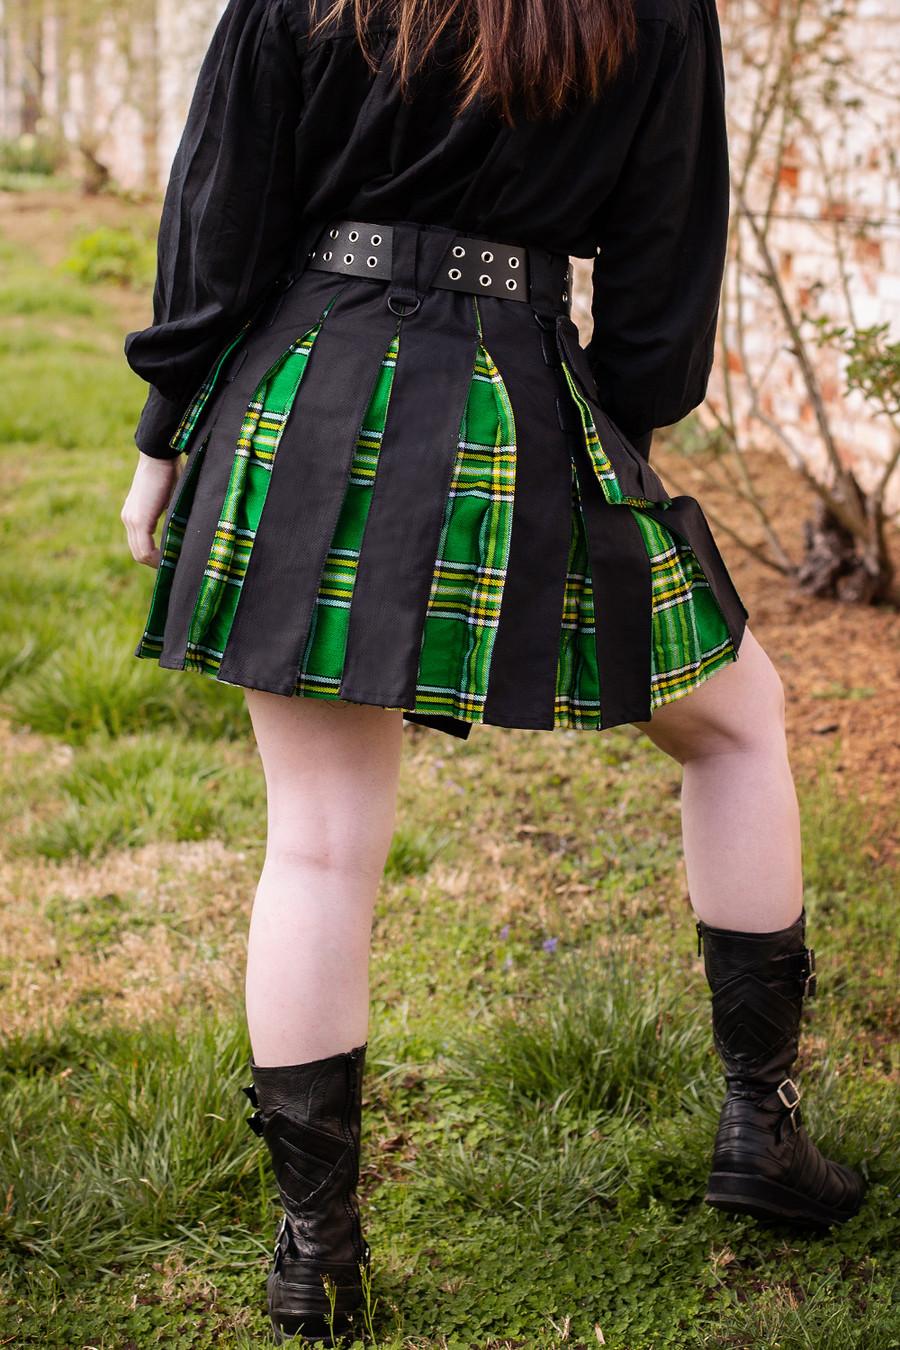 Versatta Dubliner Hybrid Tartan Kilt